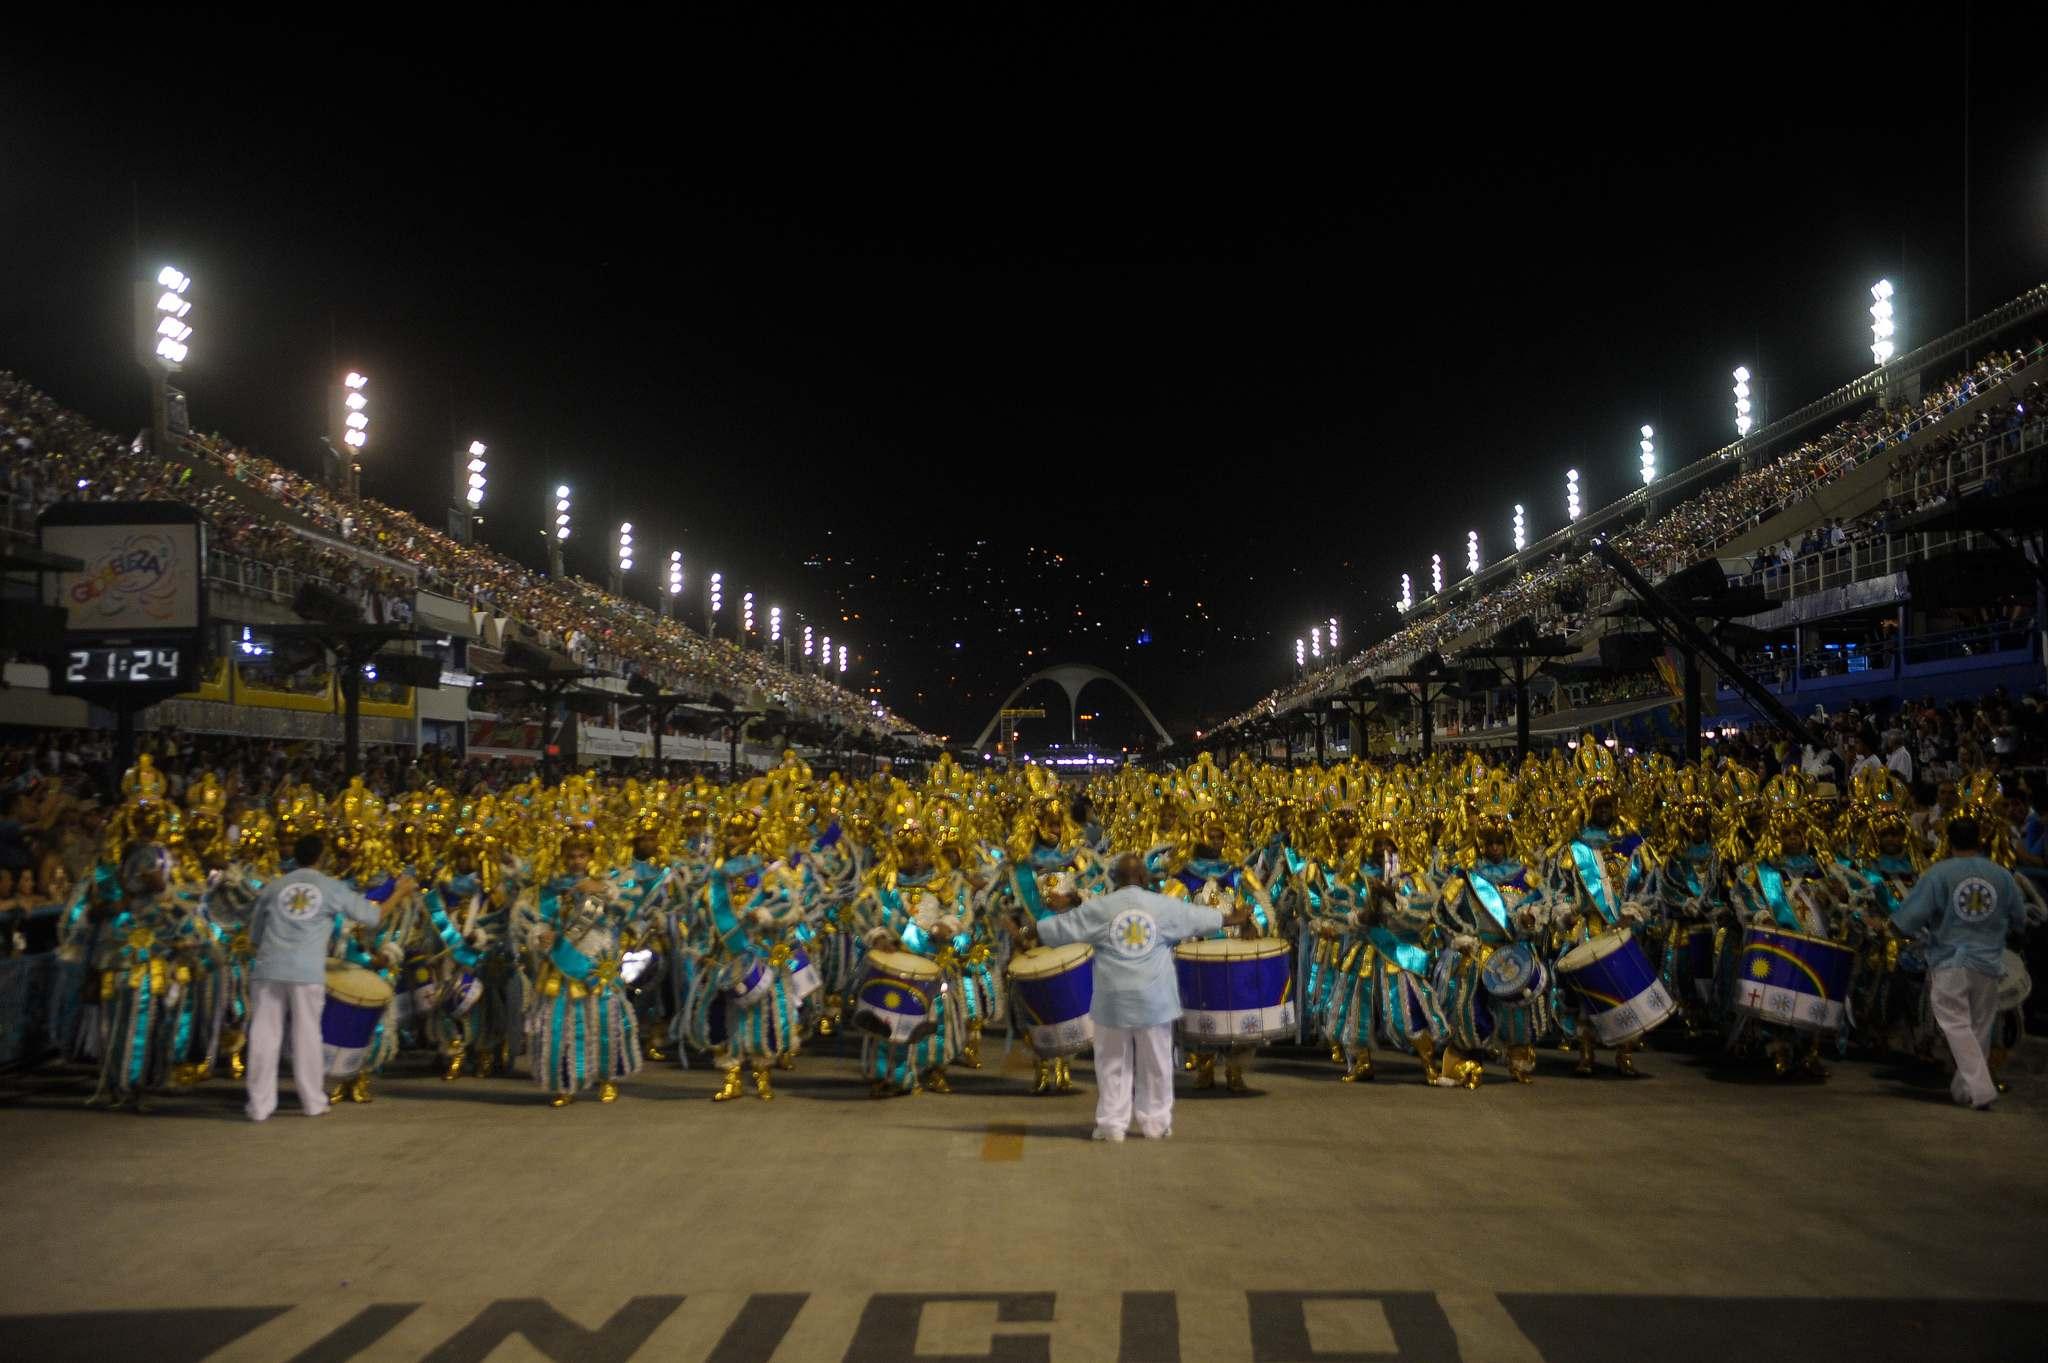 rio de janeiro 201612 Vila Isabel at Carnival in Rio de Janeiro